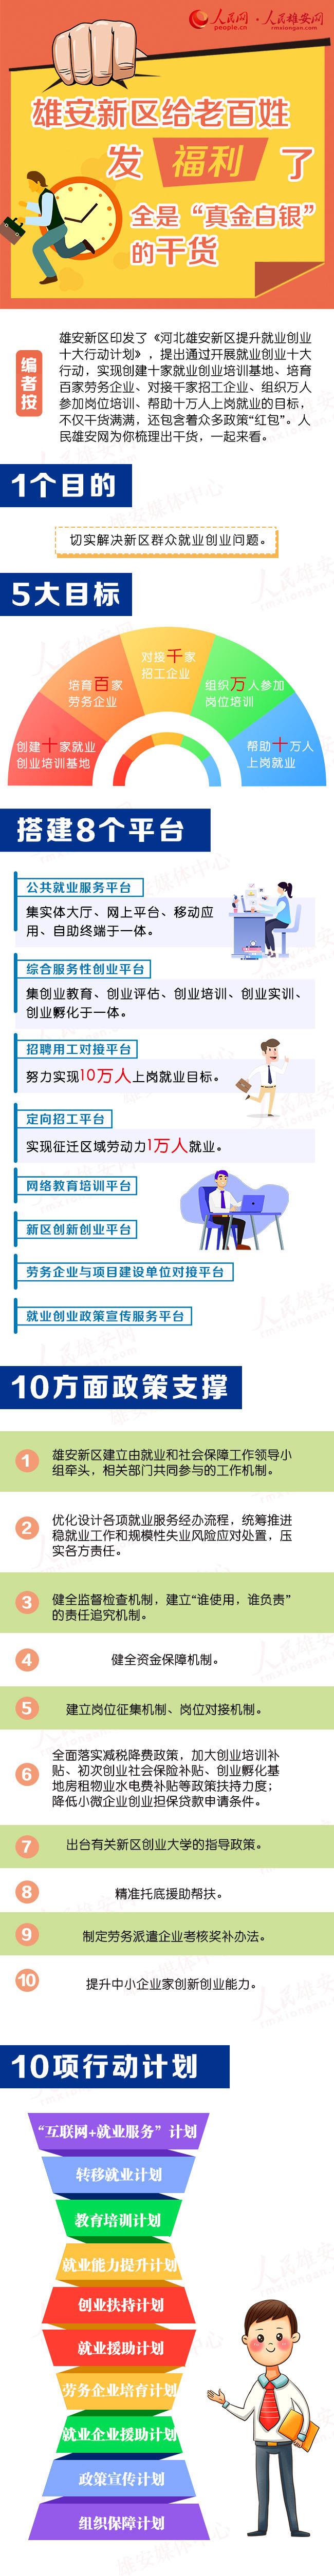 """雄(xiong)安�o老百(bai)姓�l""""福利"""" 全是""""真金白(bai)�y""""的干(gan)�(huo)"""